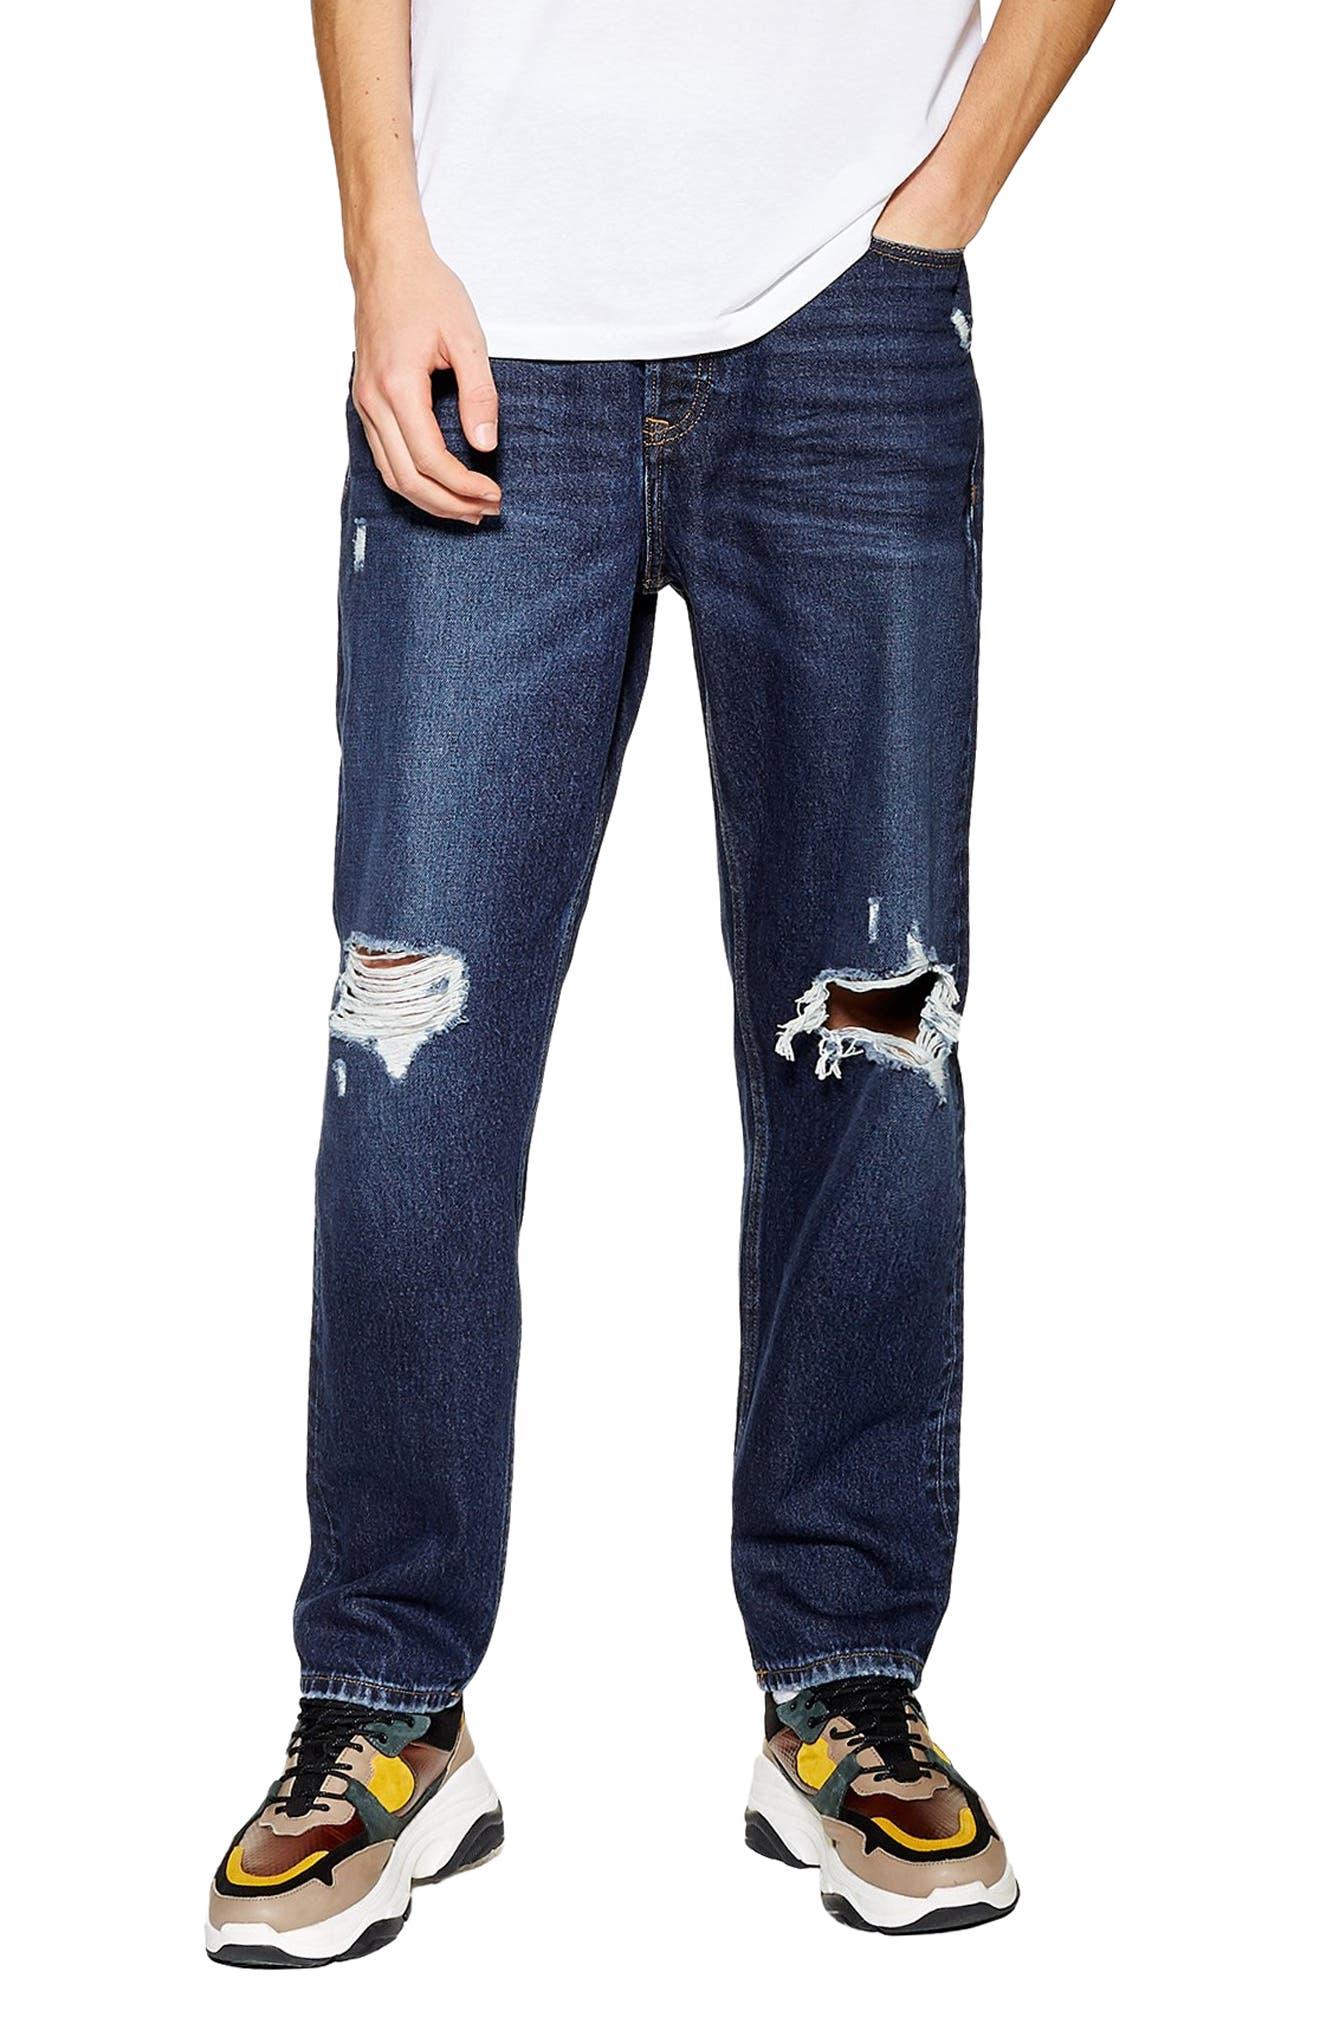 TOPMAN, Mikey Original Fit Jeans, Main thumbnail 1, color, 400